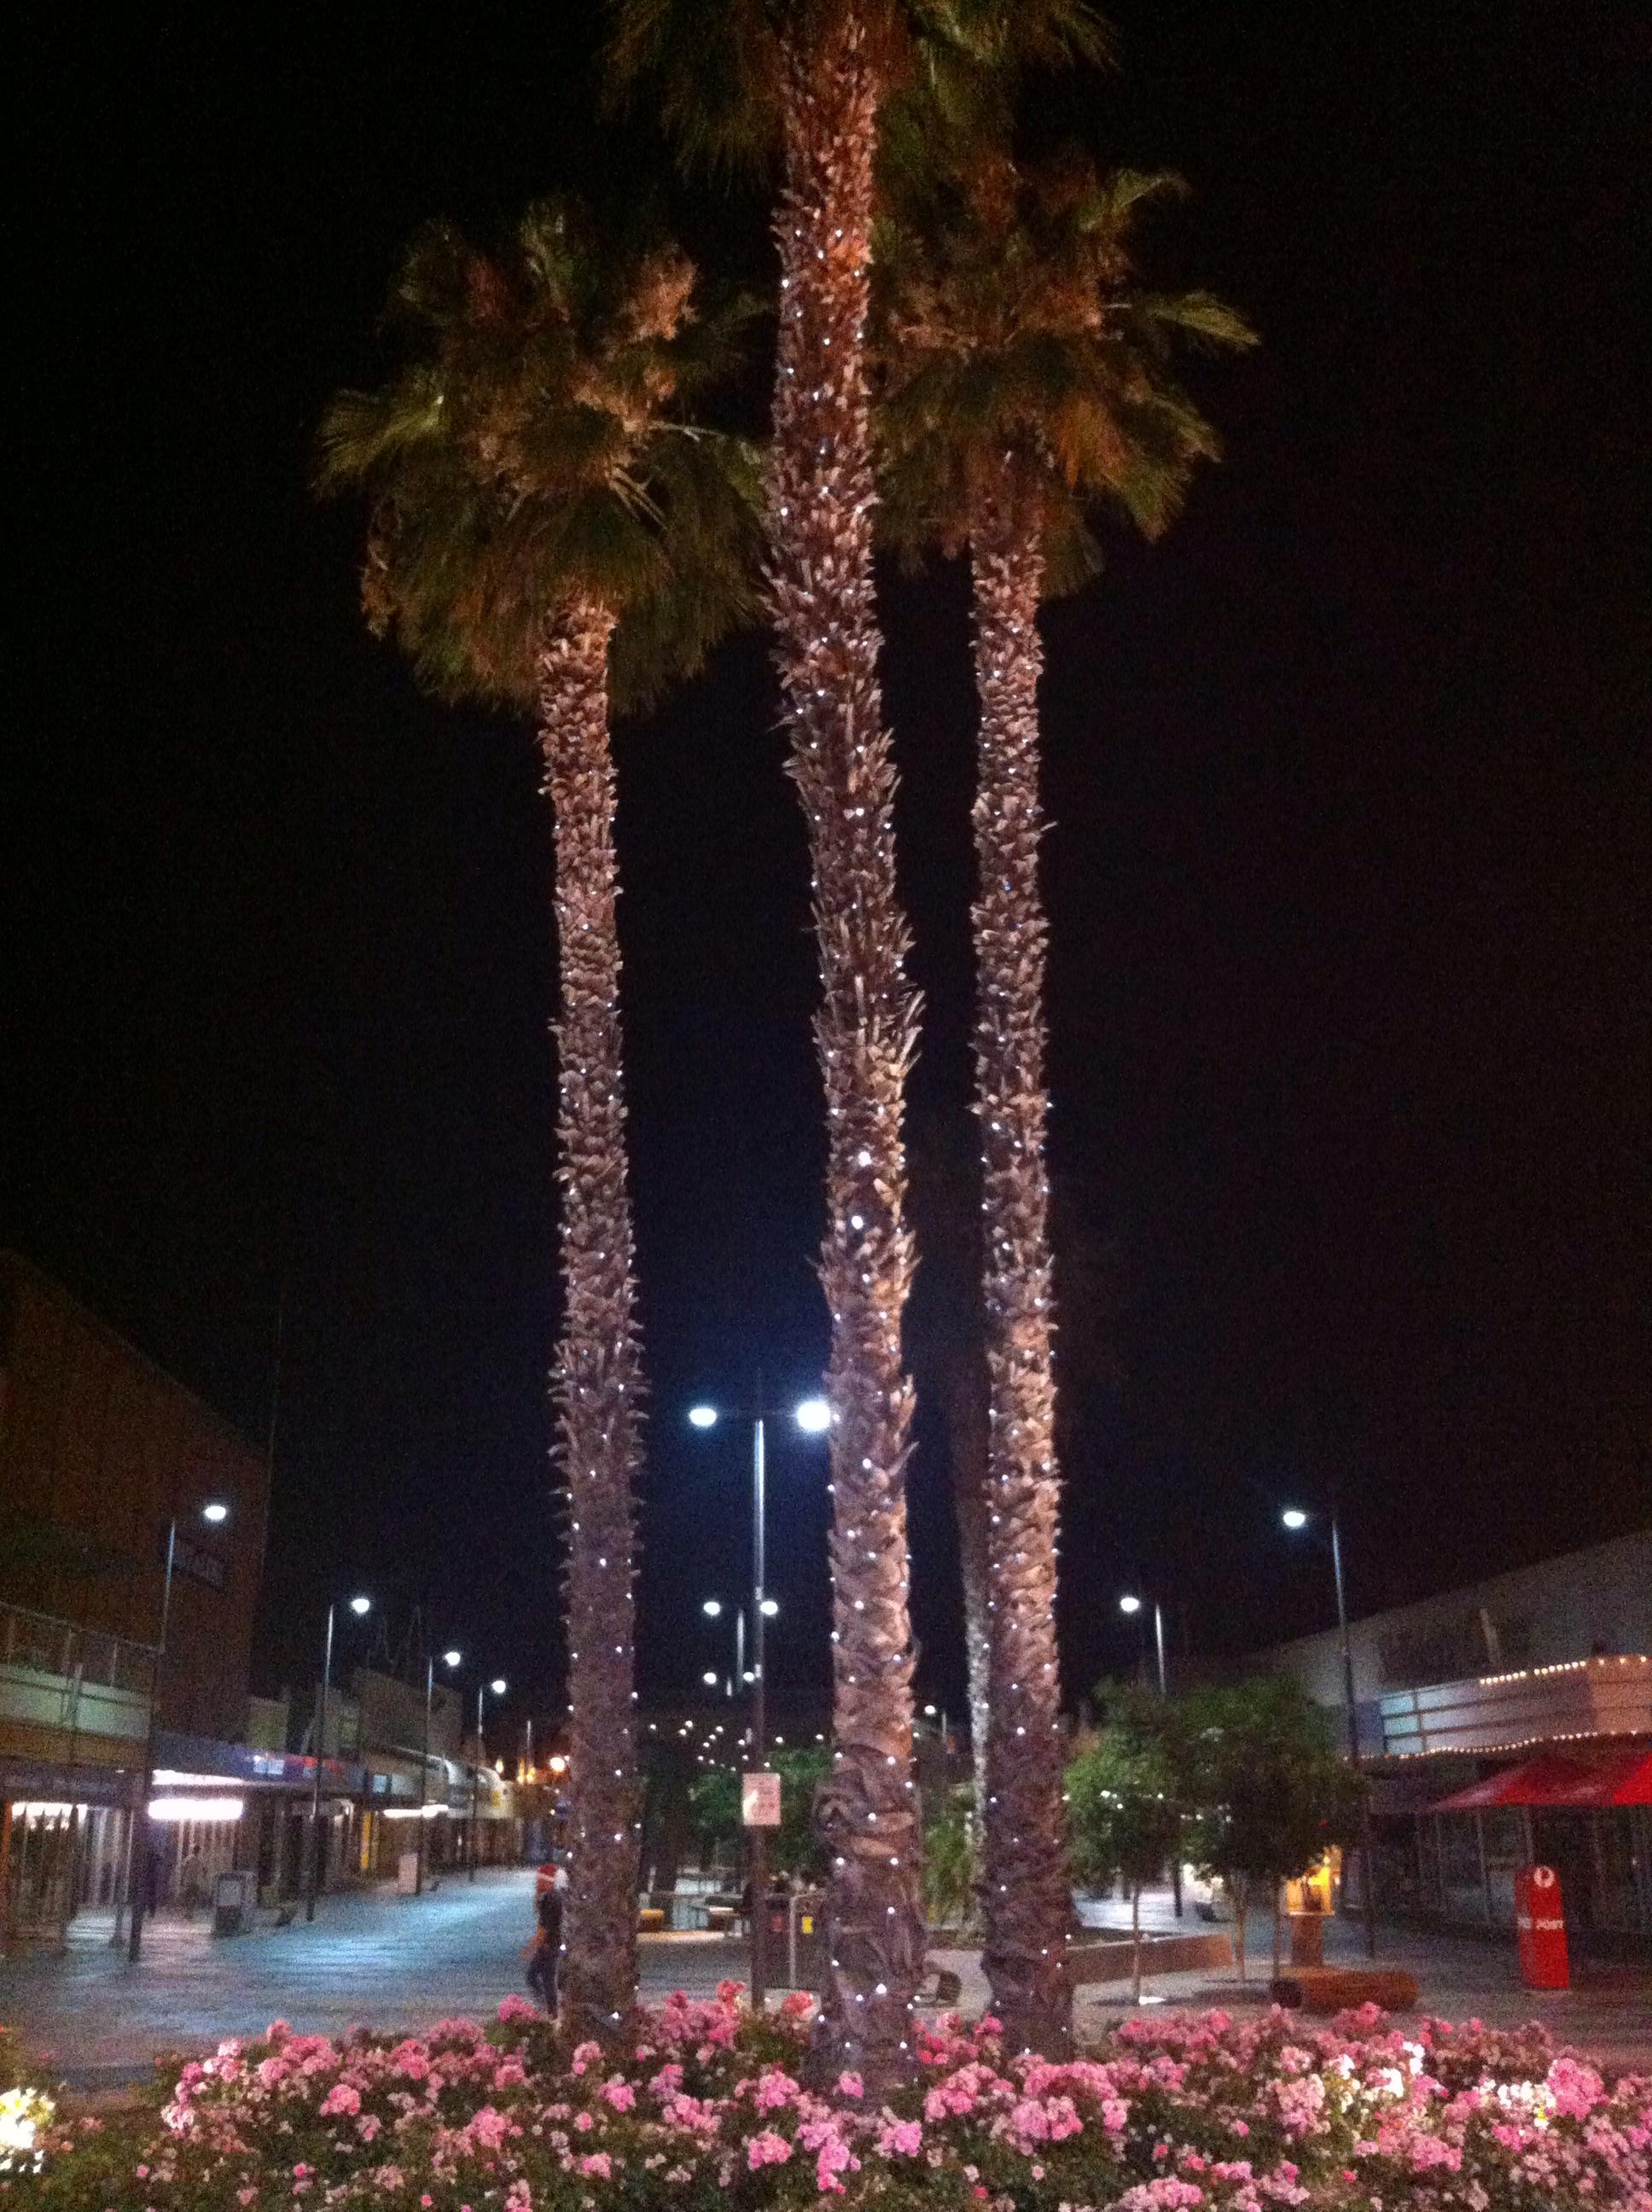 Palmen met lichtjes